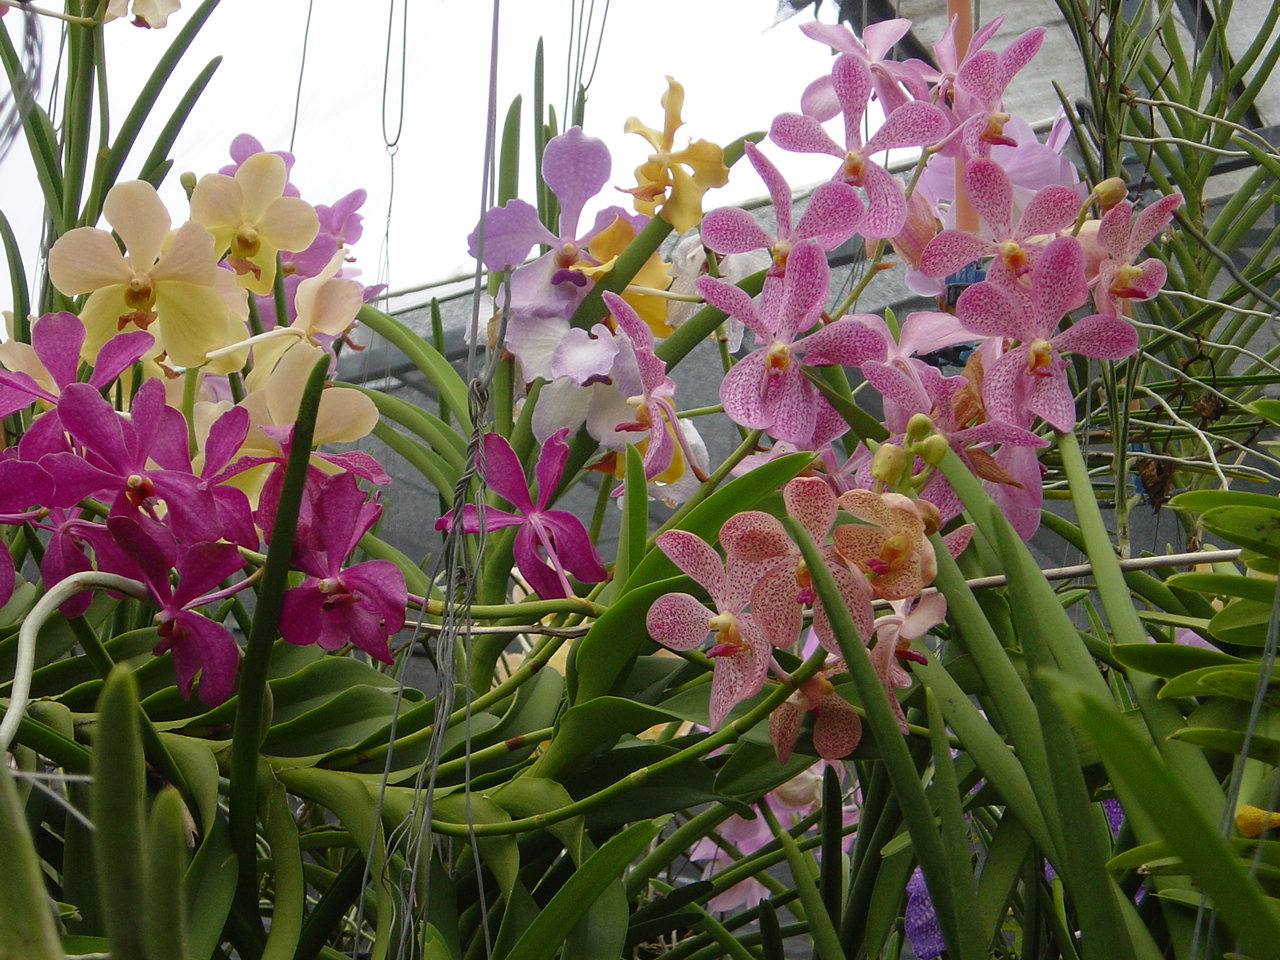 Jardin de Orquideas